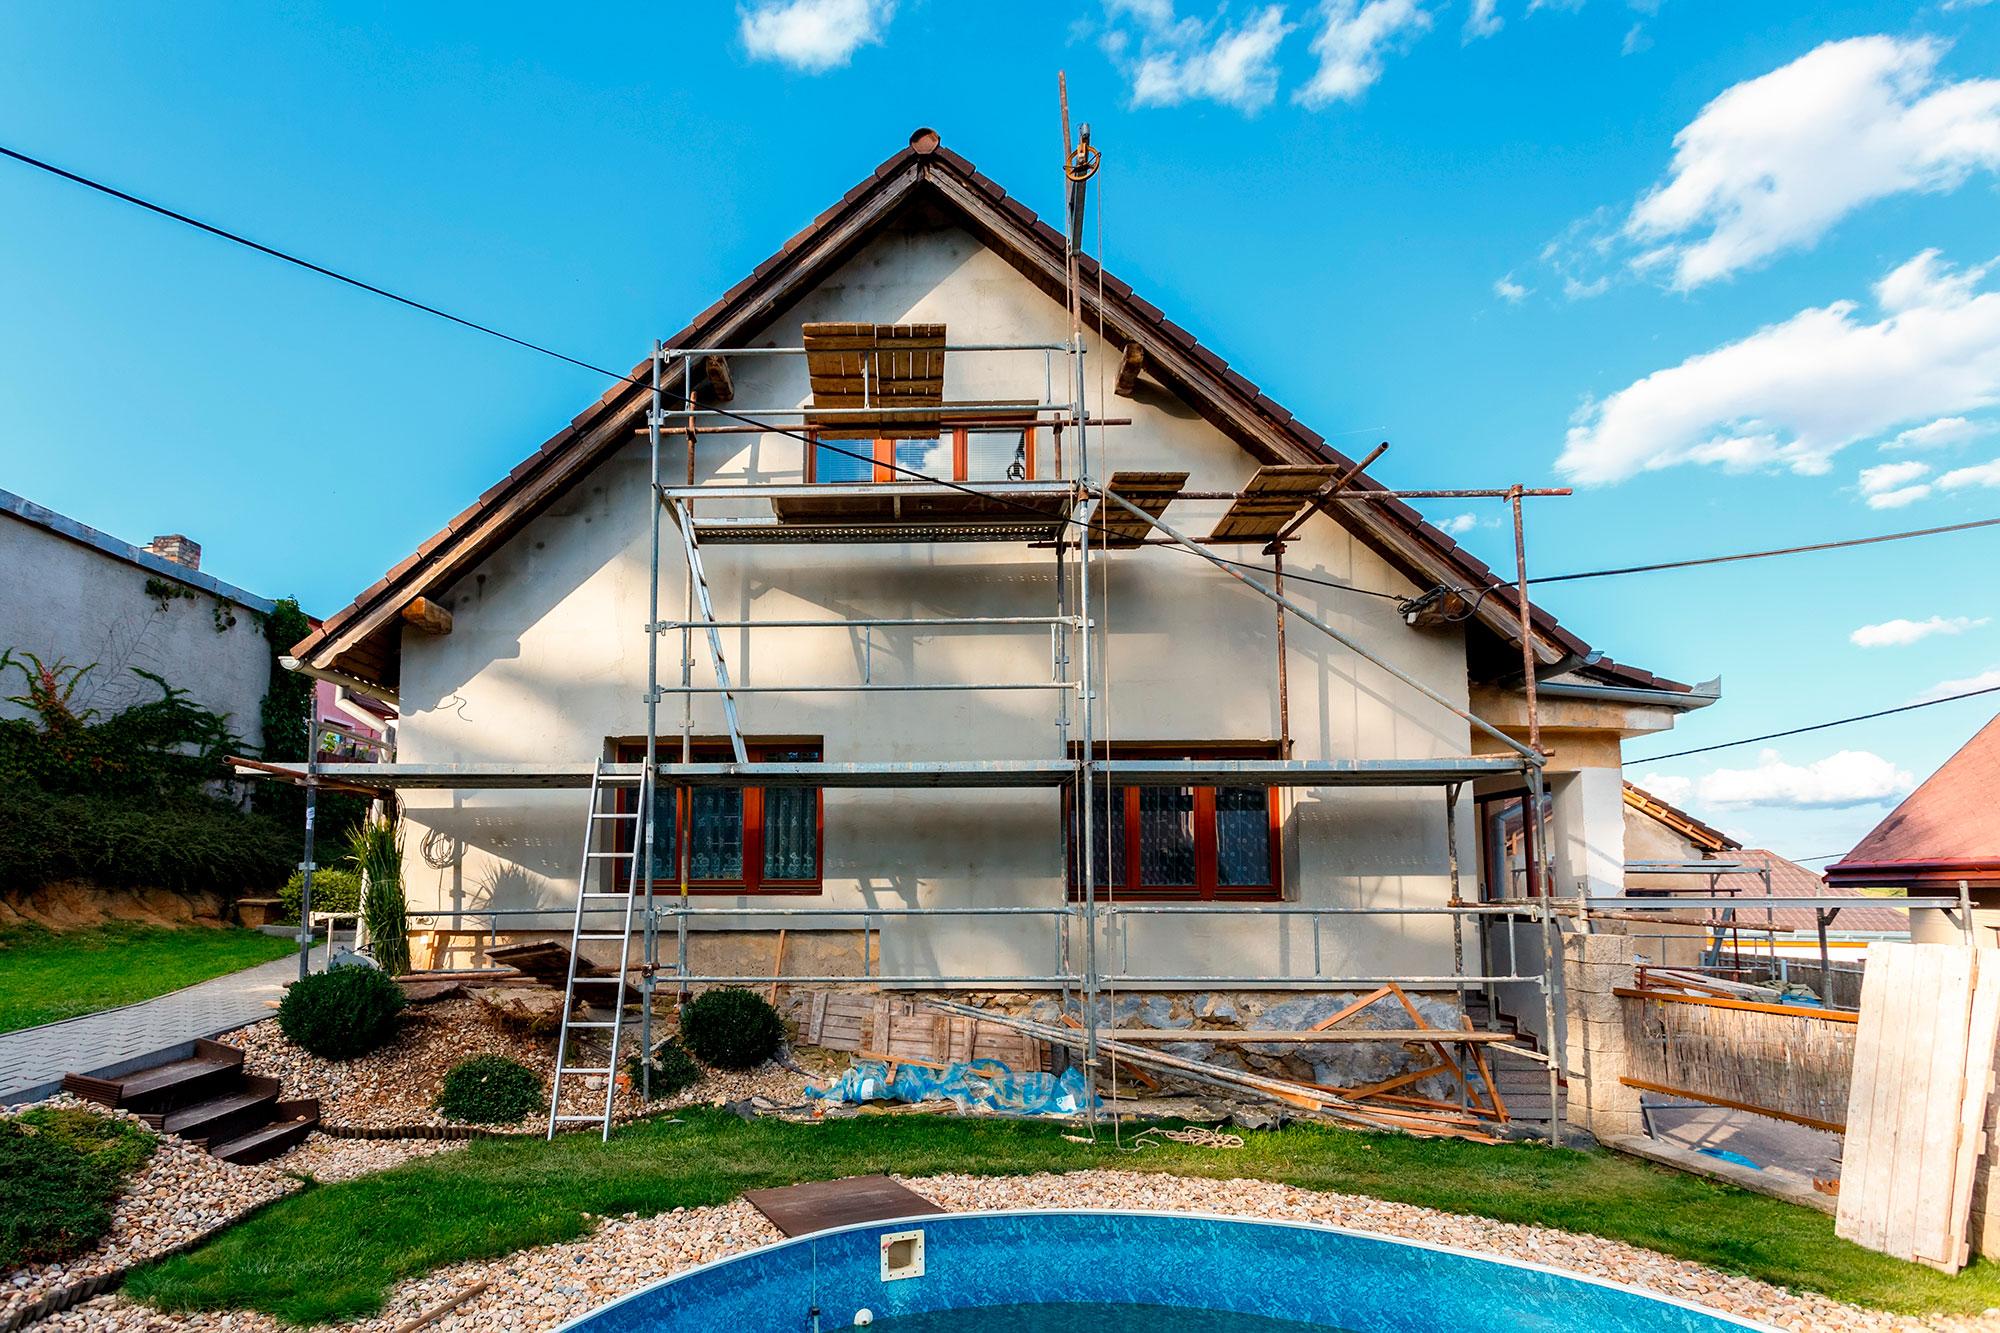 Haus im Umbau eines Hauses. Ist für die vorgesehenen Massnahmen eine Baubewilligung erforderlich?